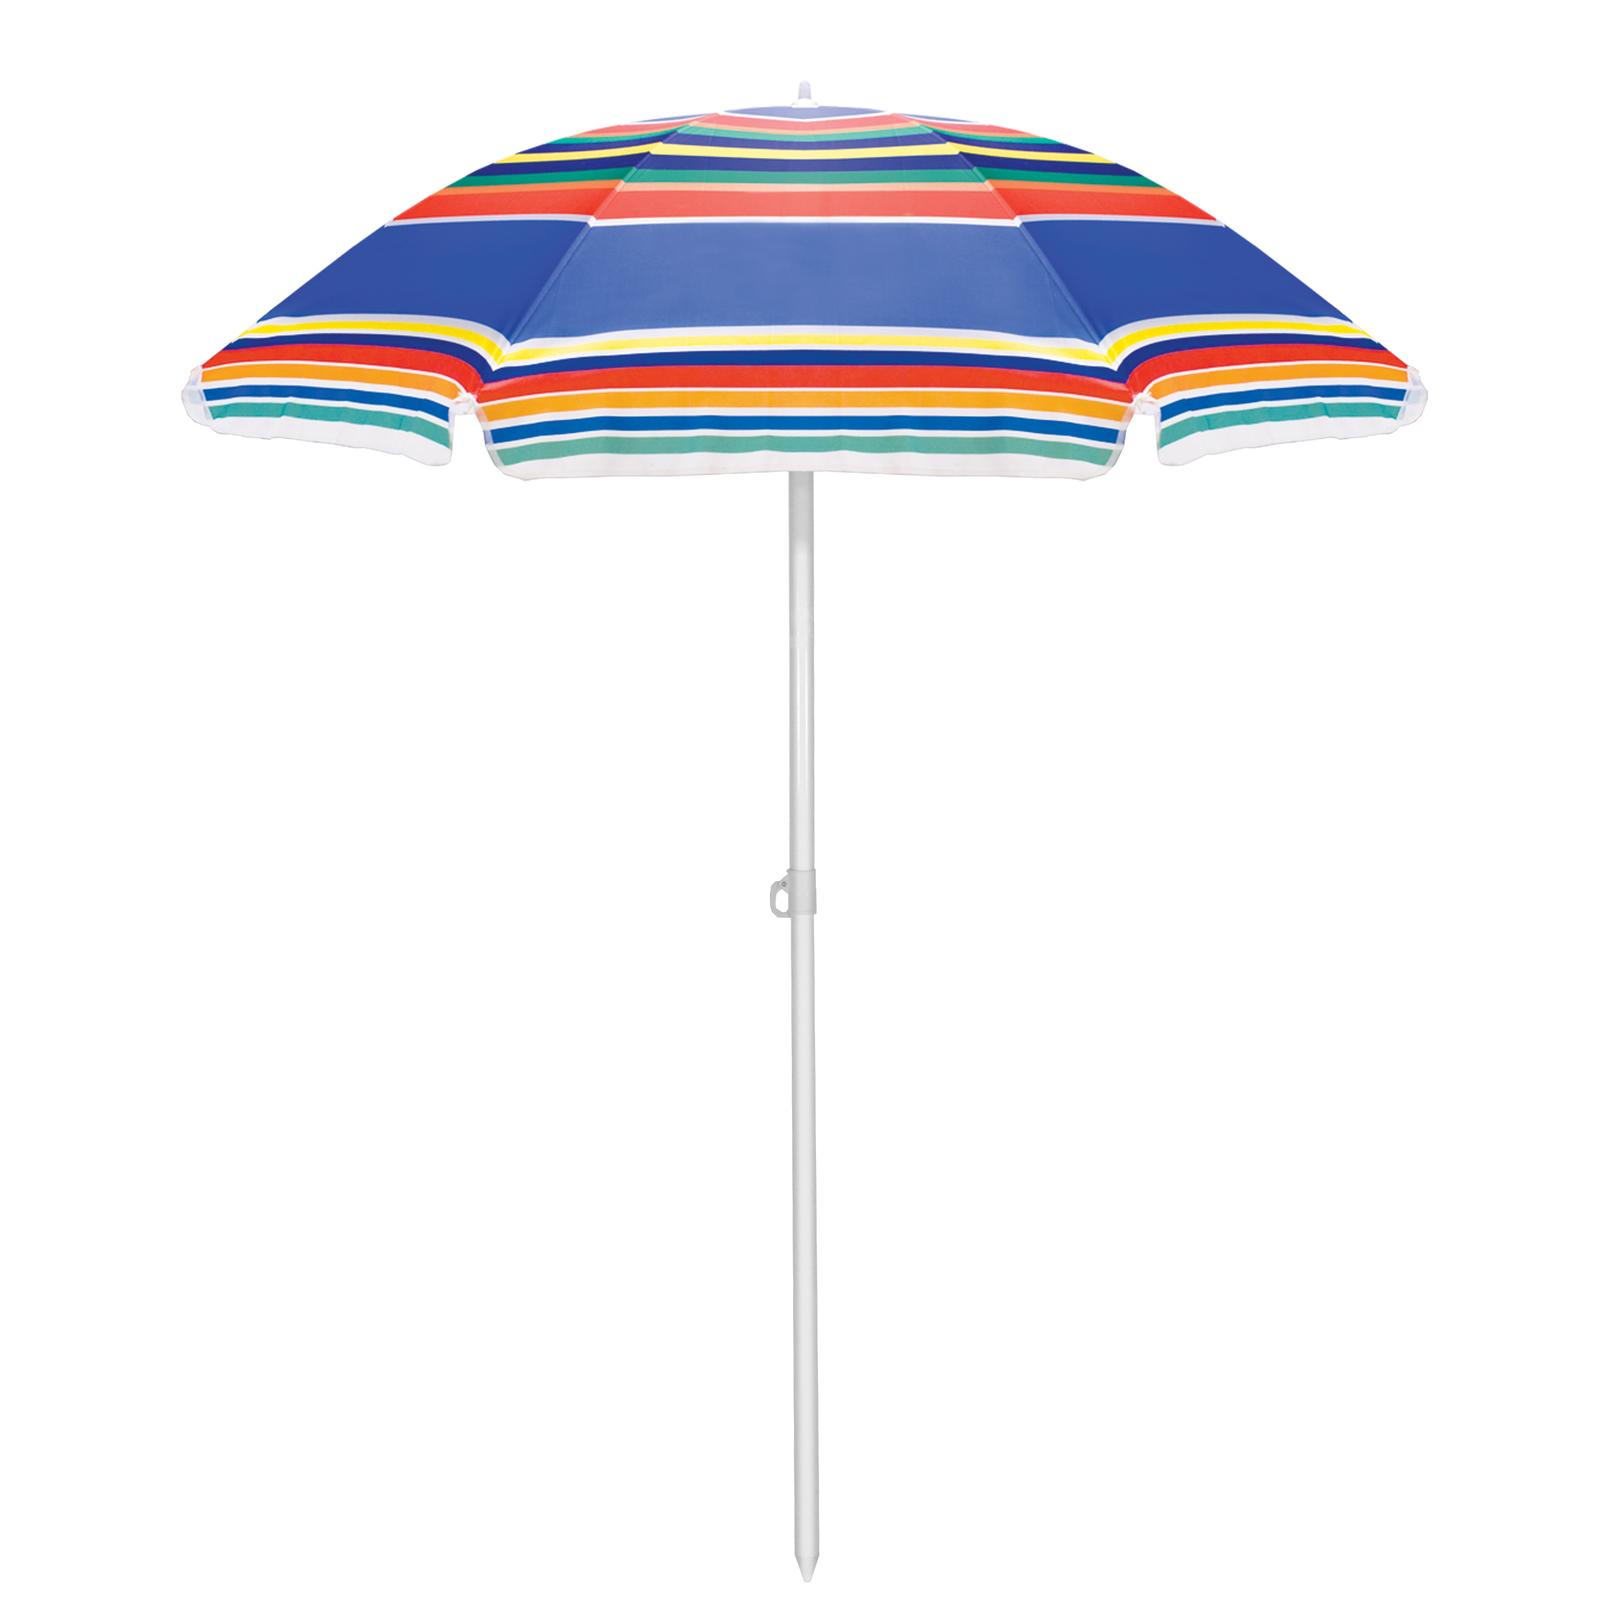 Picnic Time: Portable Beach Umbrella (Multi-Color Stripes) image